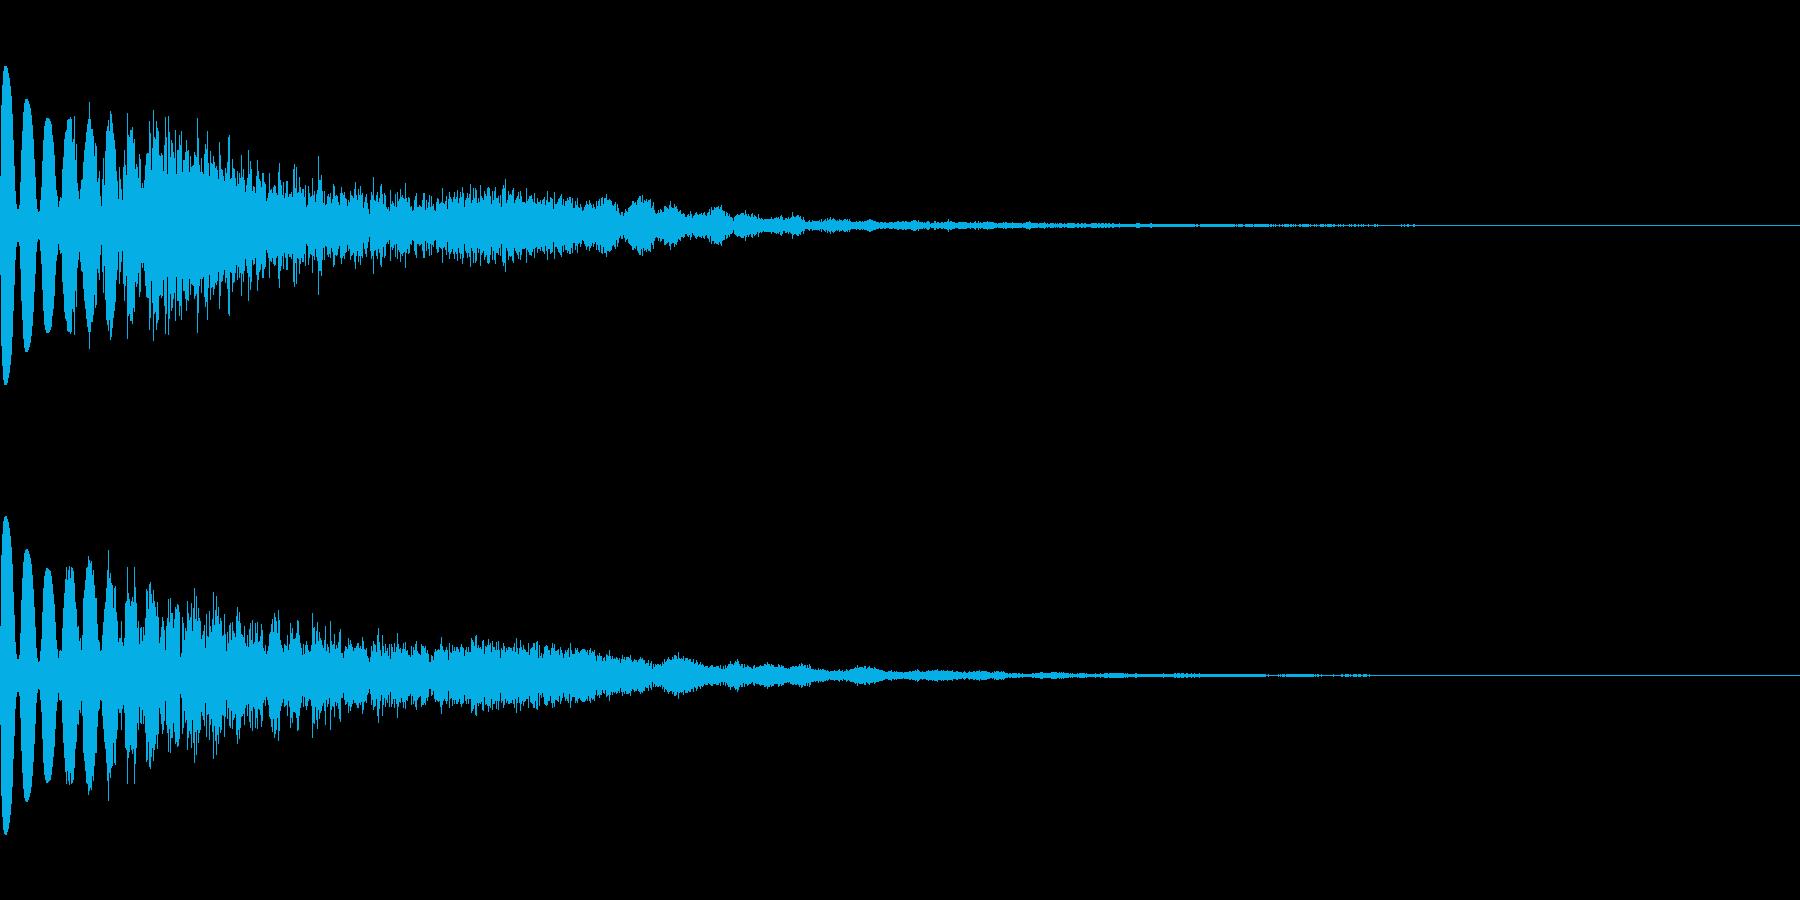 ホラーだけど神秘的な効果音(怖い/綺麗)の再生済みの波形